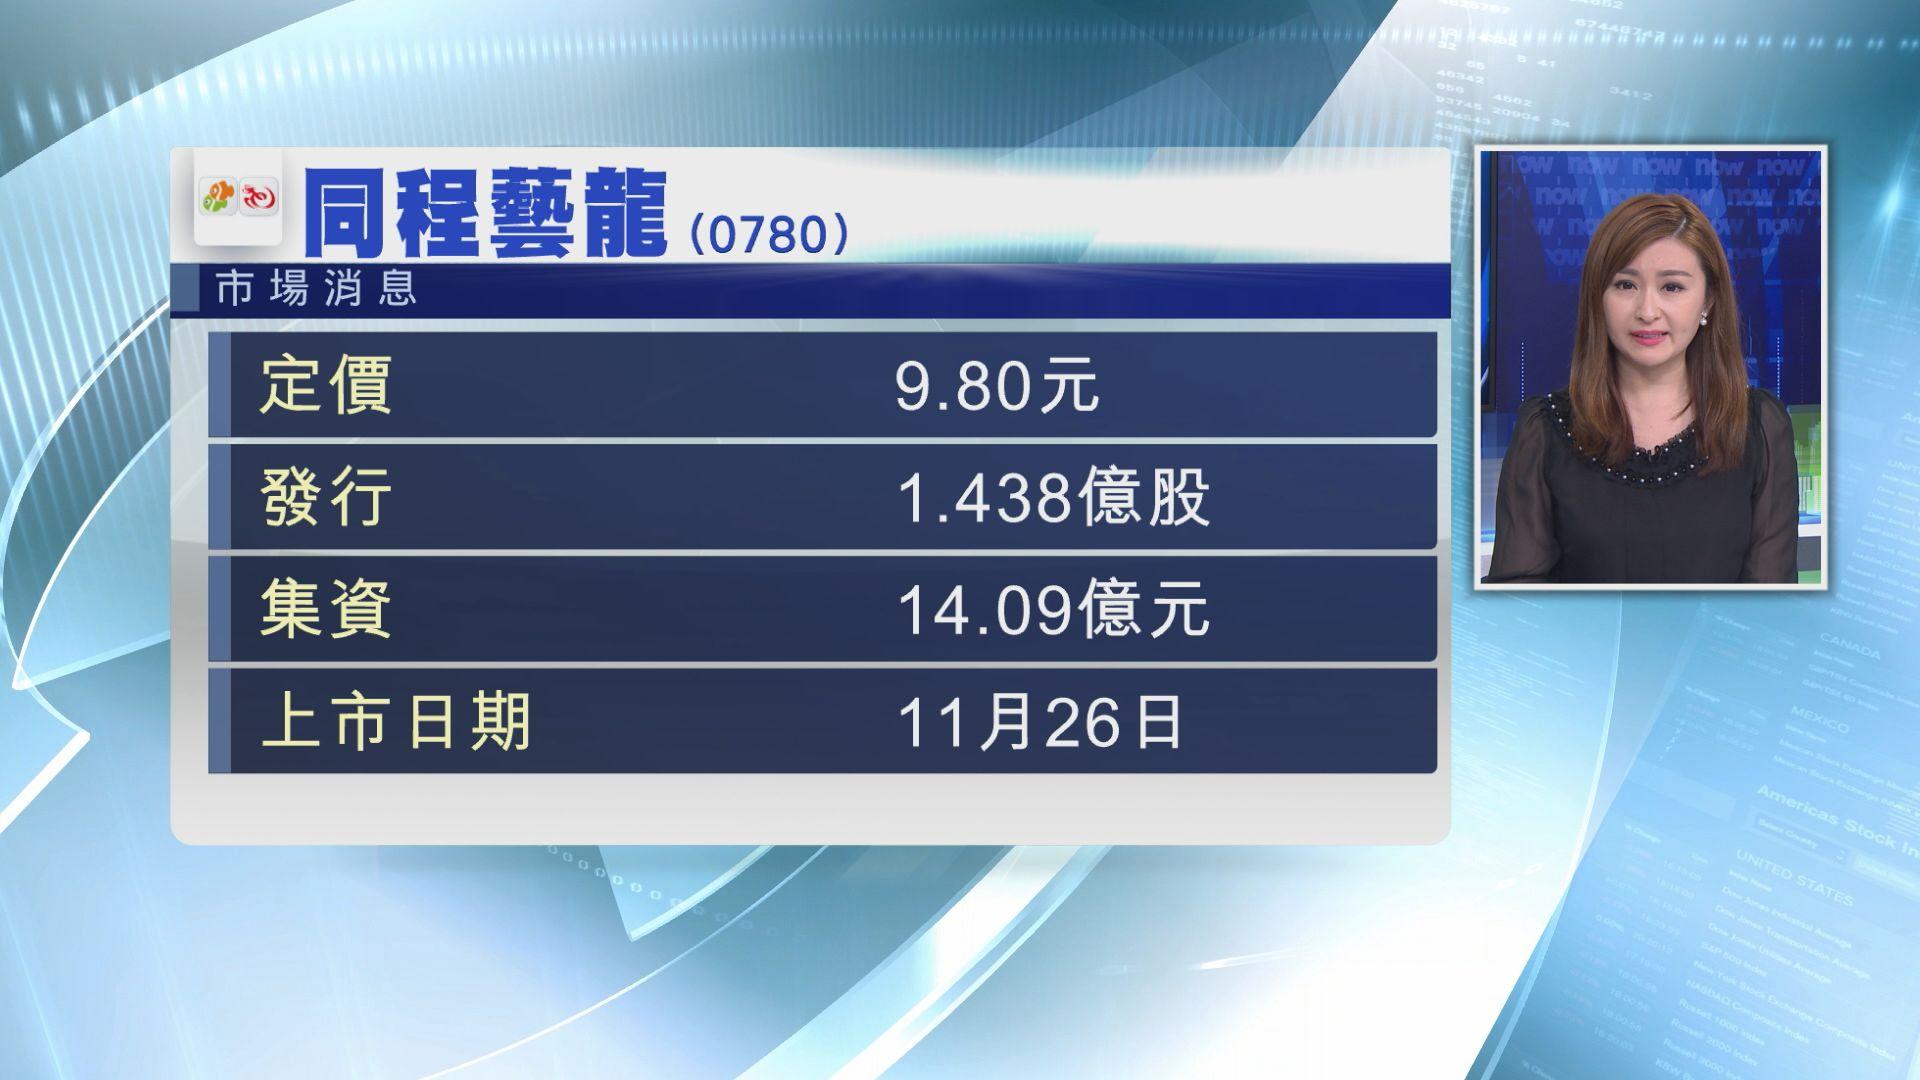 【下周一首掛】同程藝龍以近下限$9.8定價